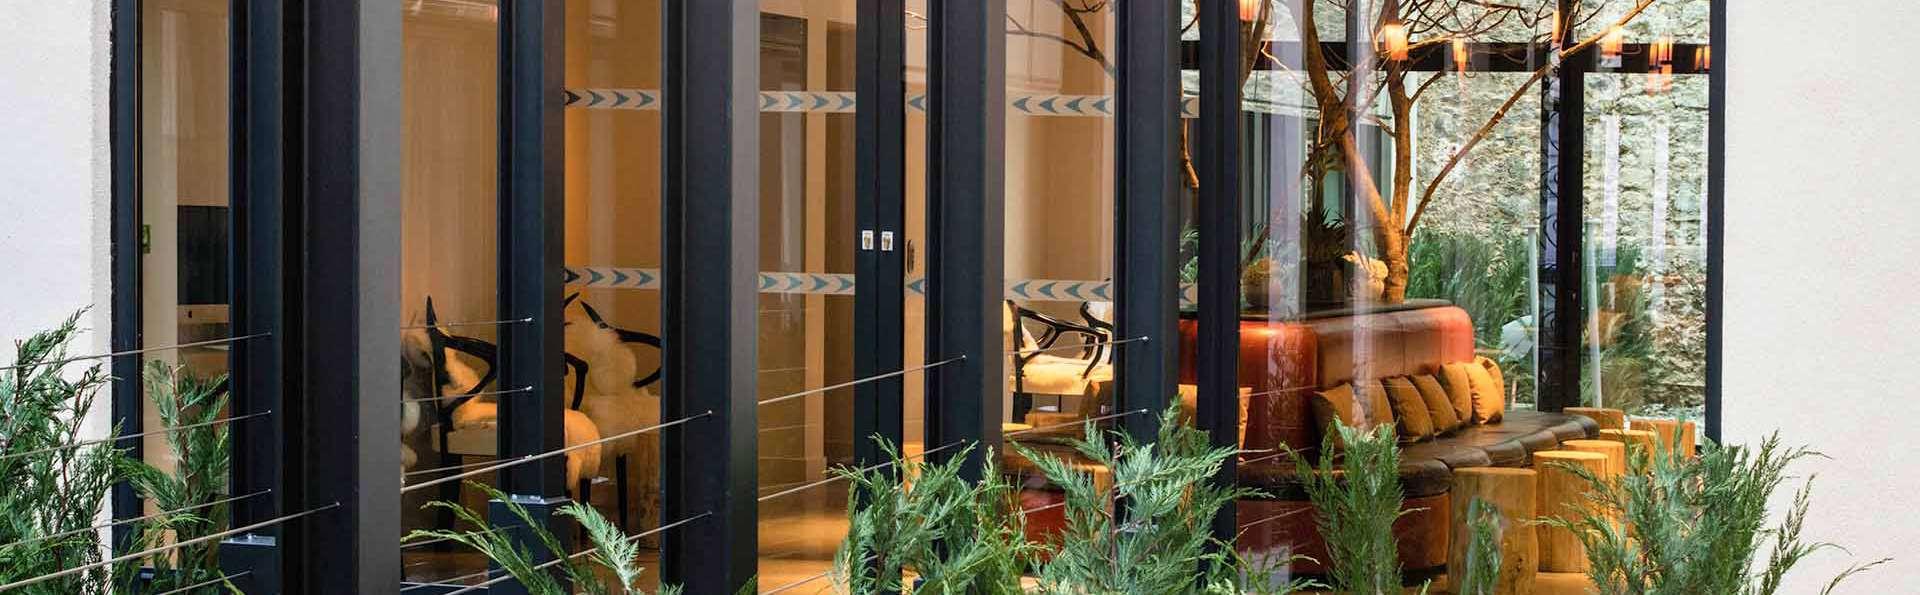 Hôtel Opéra Liège - EDIT_FRONT_02.jpg